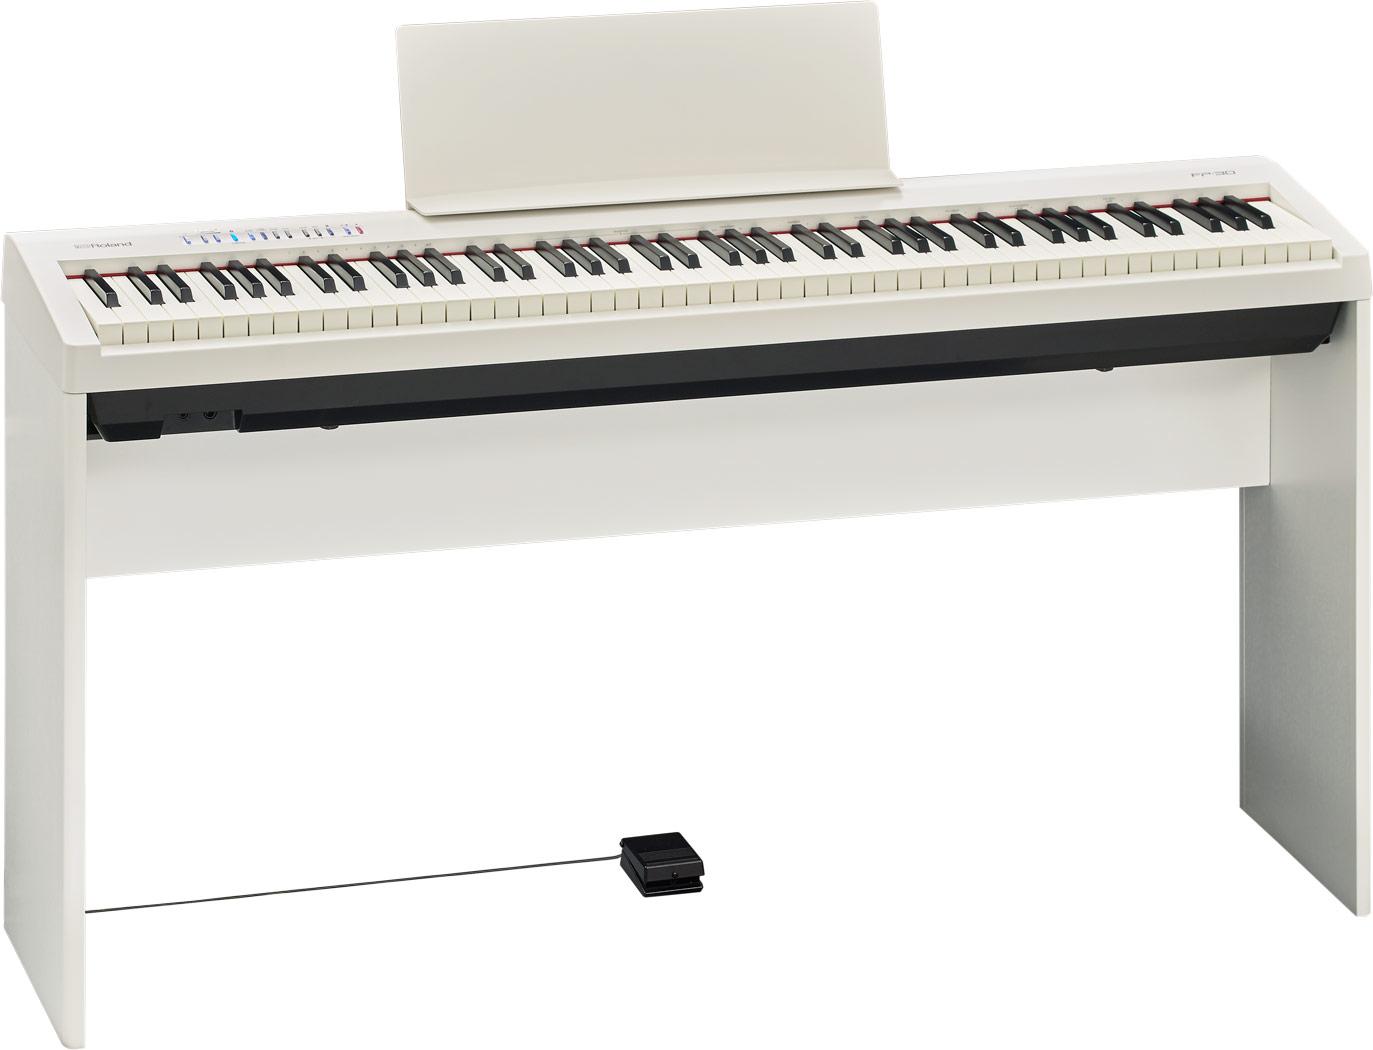 Roland elklaver FP30-WH med KSC70-WH ben